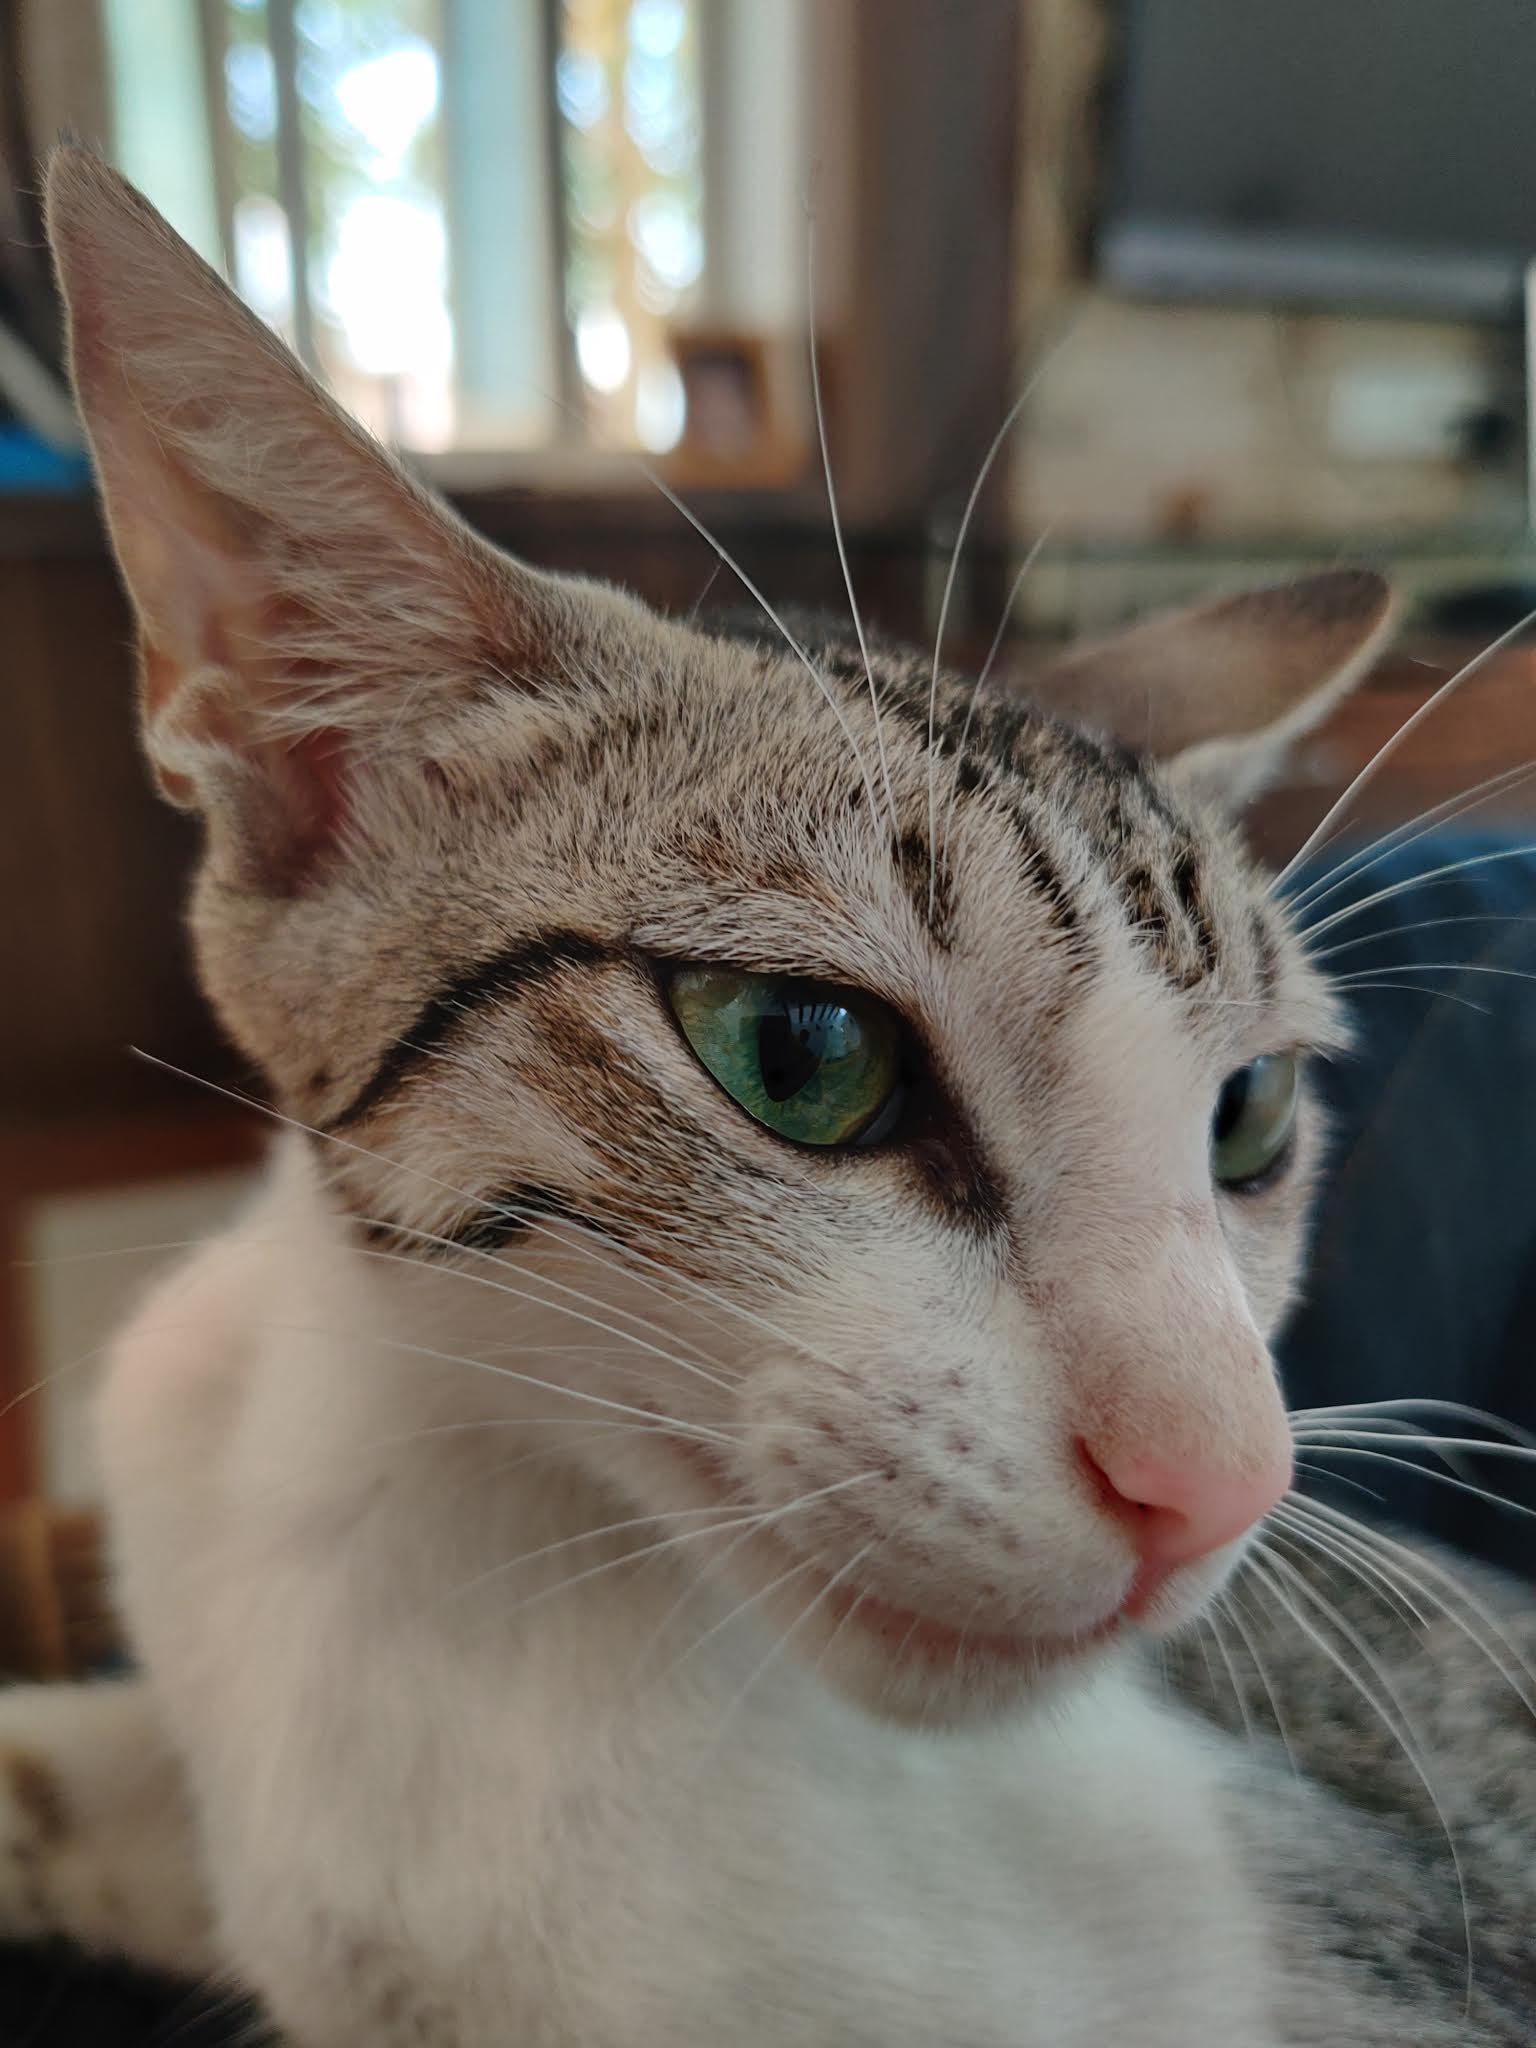 Cat Face on Focus